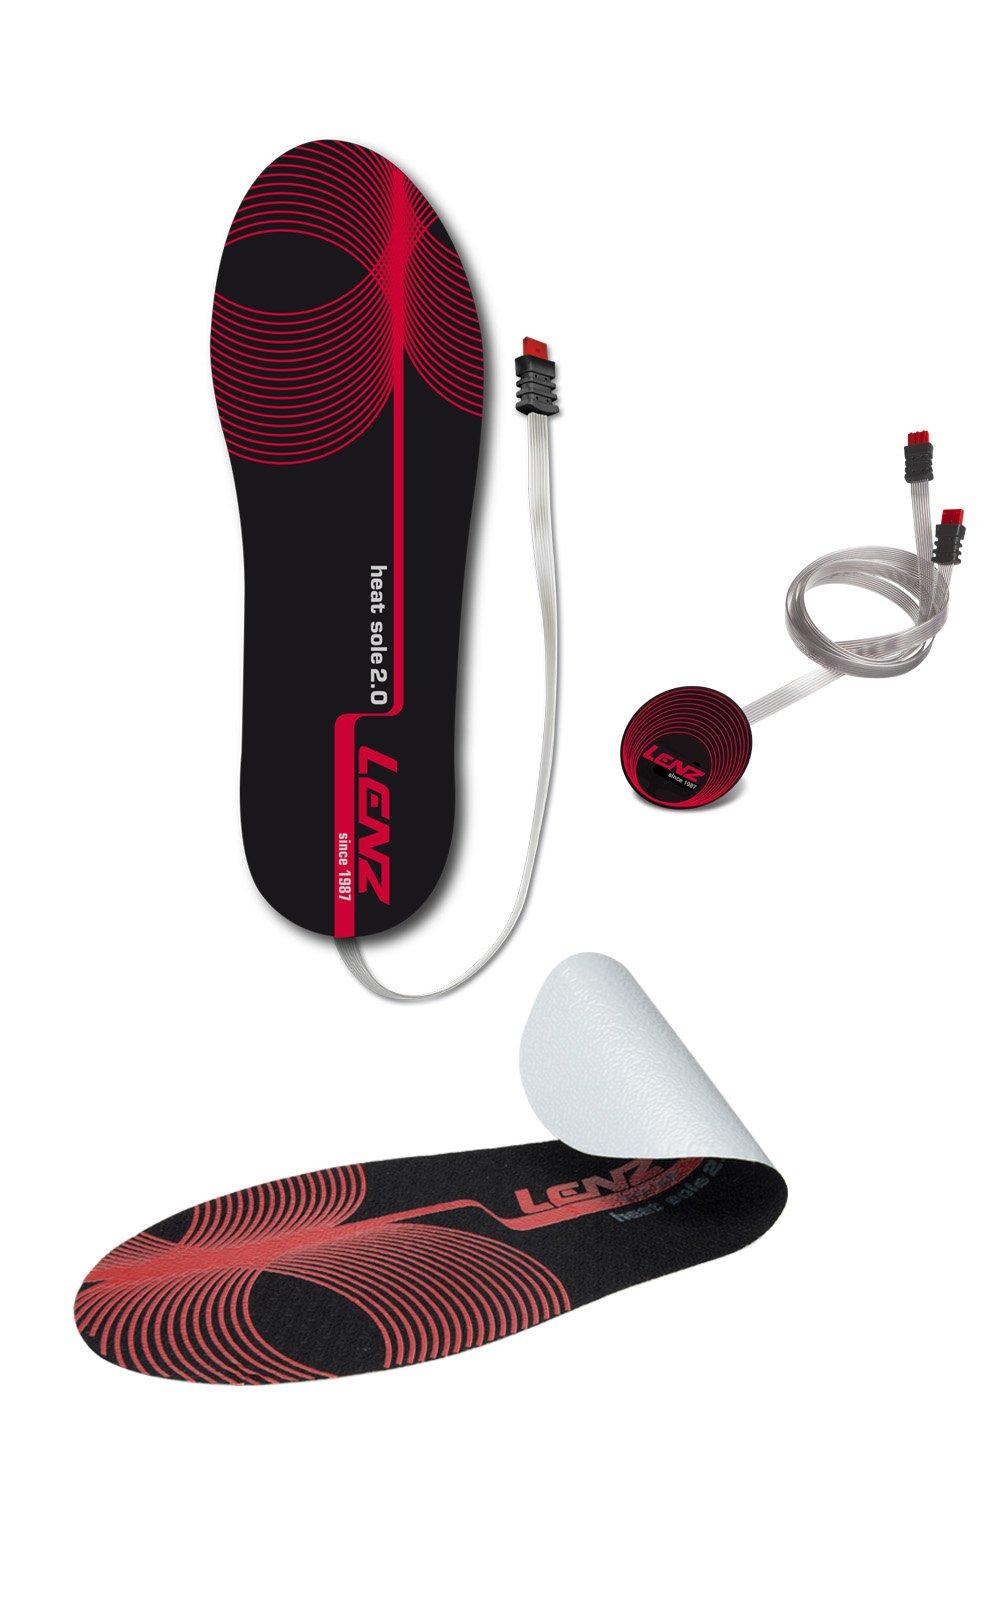 LENZ Heat Sole 2.0